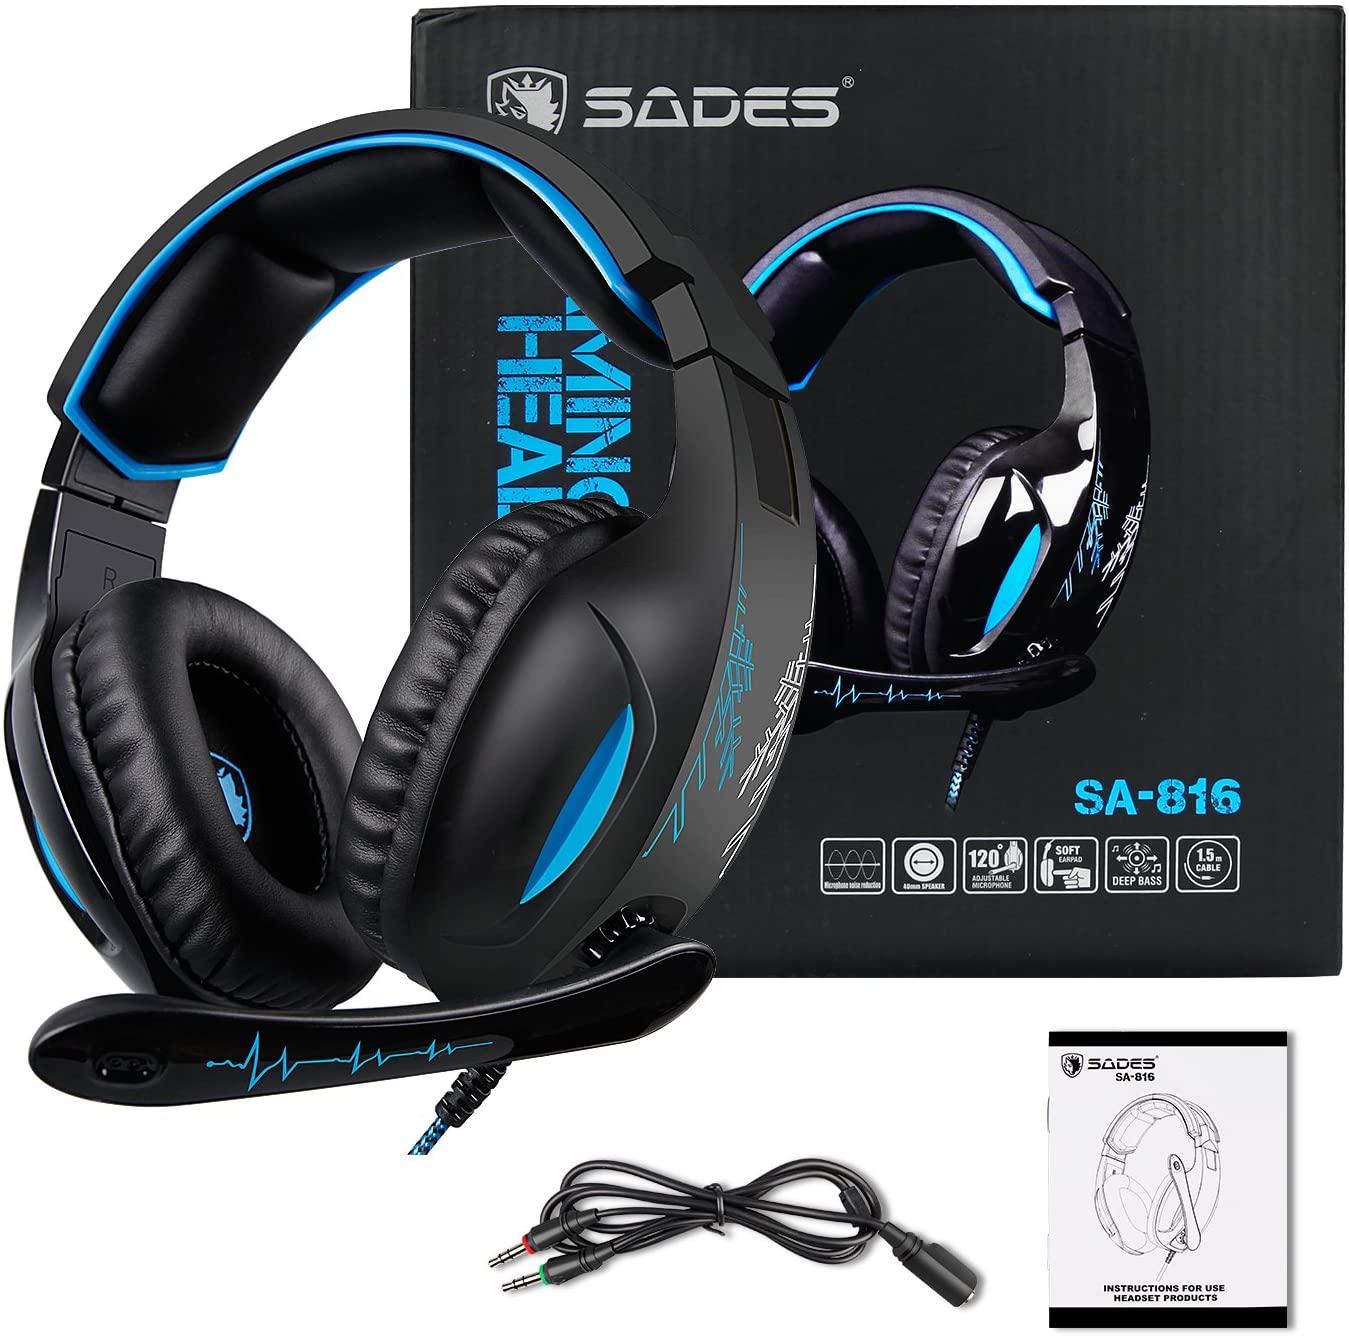 Auriculares Pro Gaming con micrófono Sades SA-816